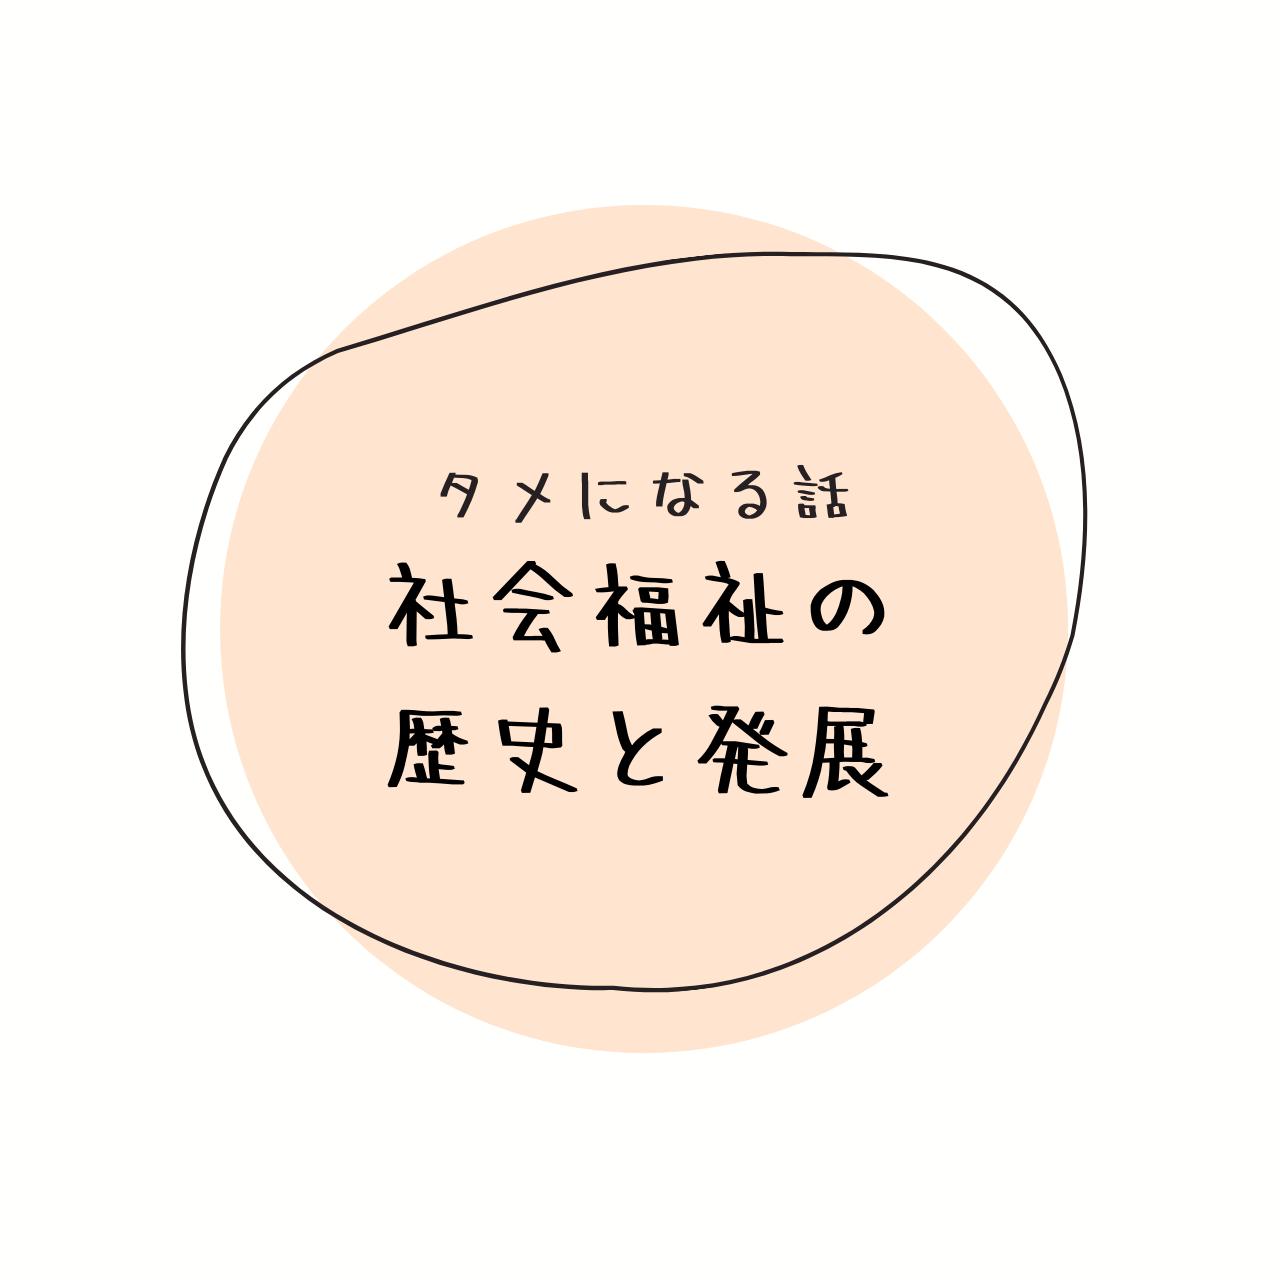 日本の社会福祉がどのように発展してきたかを初期から福祉元年までの流れを解説